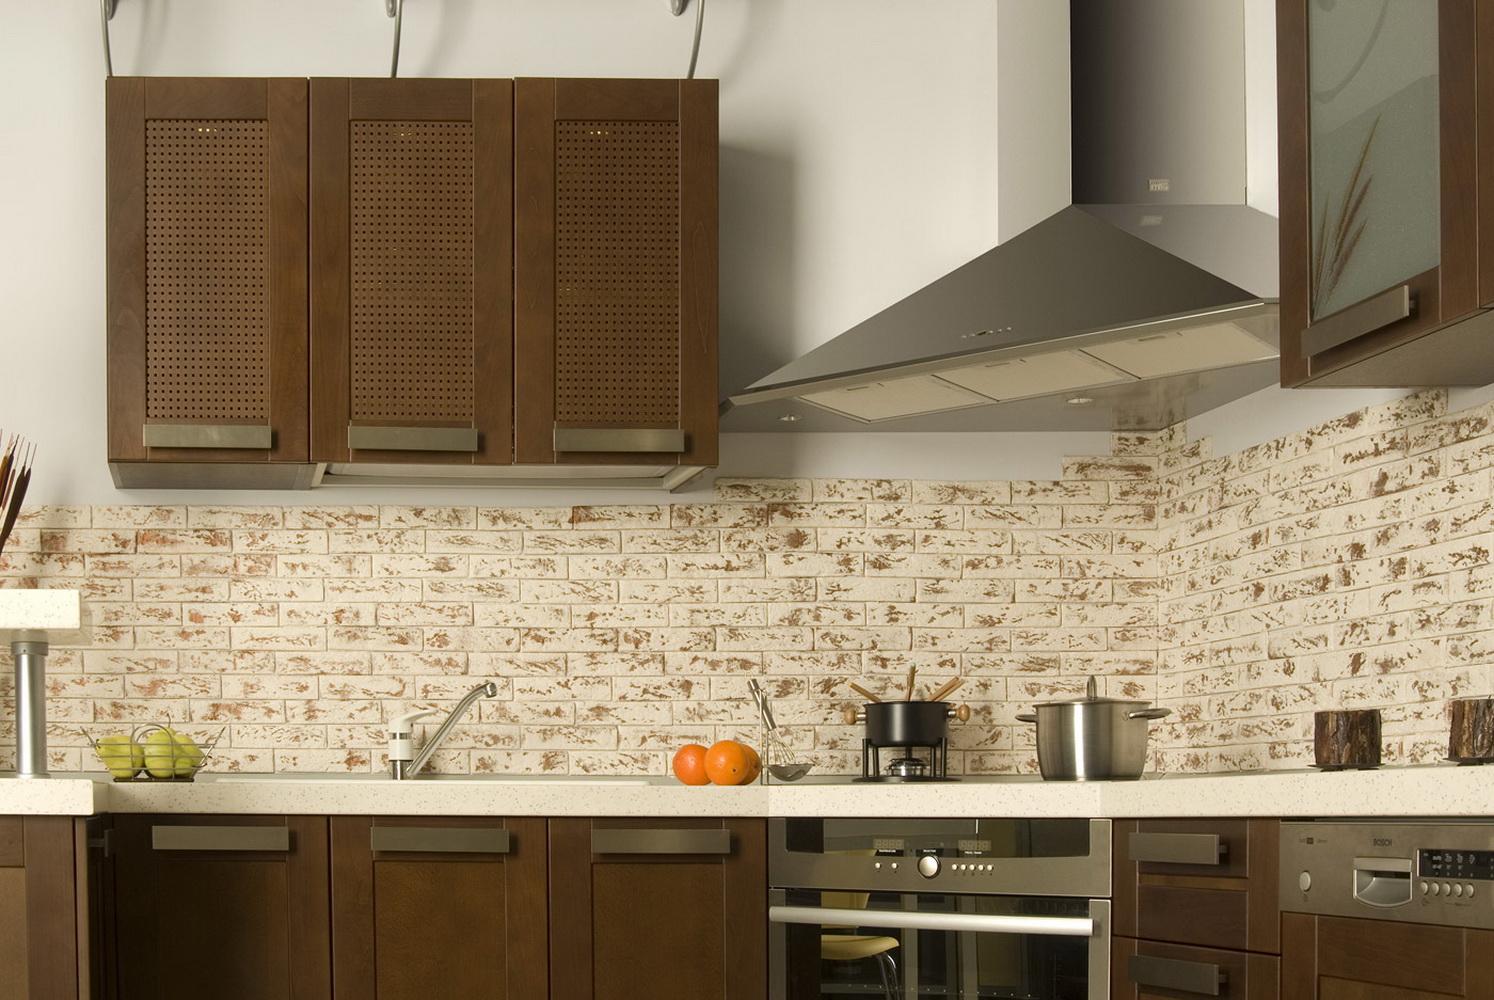 Хромированная угловая вытяжка в интерьере кухни